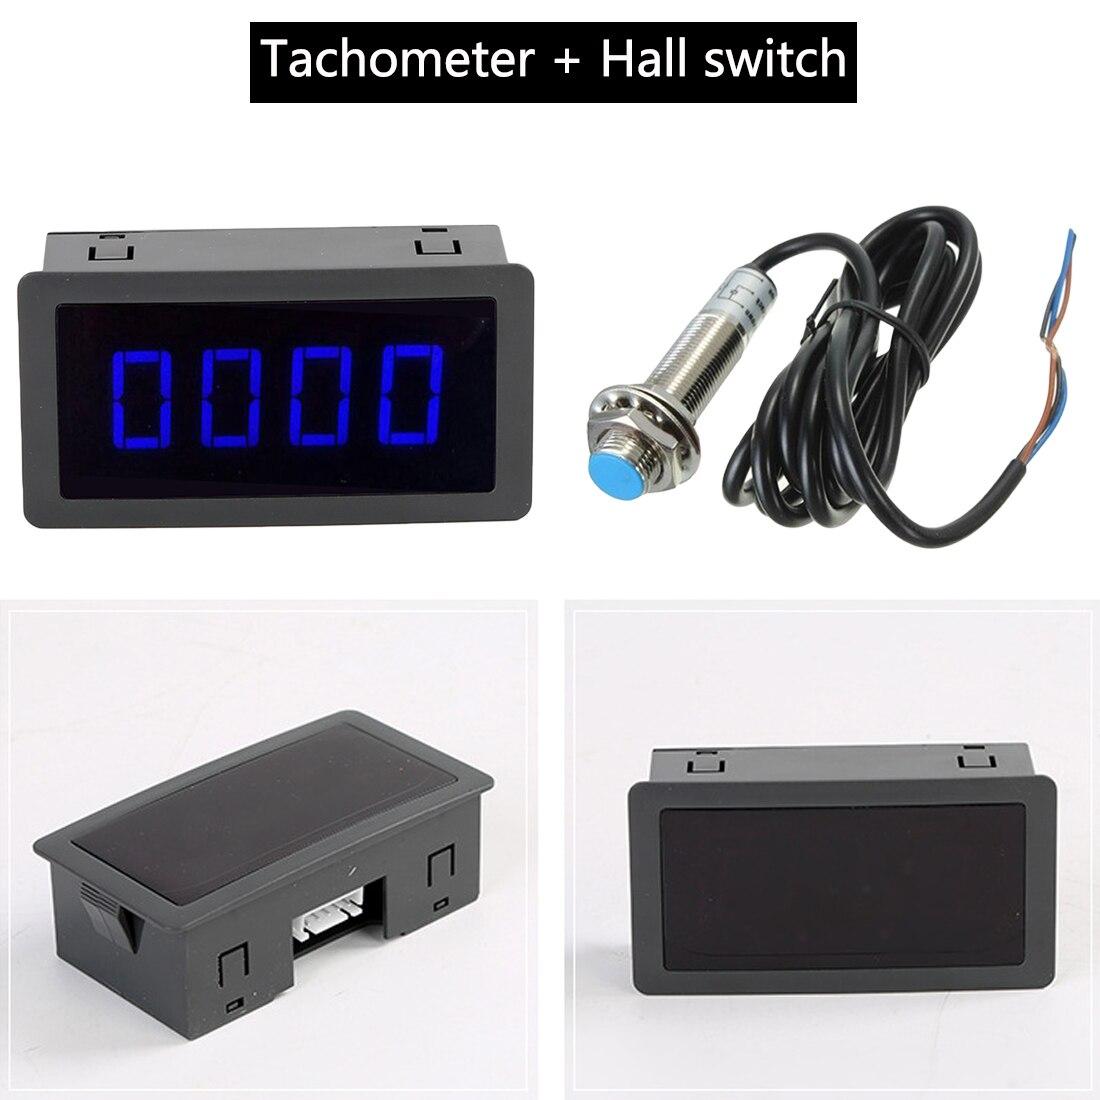 Herramientas de medición 4 Digital azul/verde/rojo tacómetro LED RPM medidor de velocidad y Hall interruptor con sensor de proximidad NPN DC 8-15V